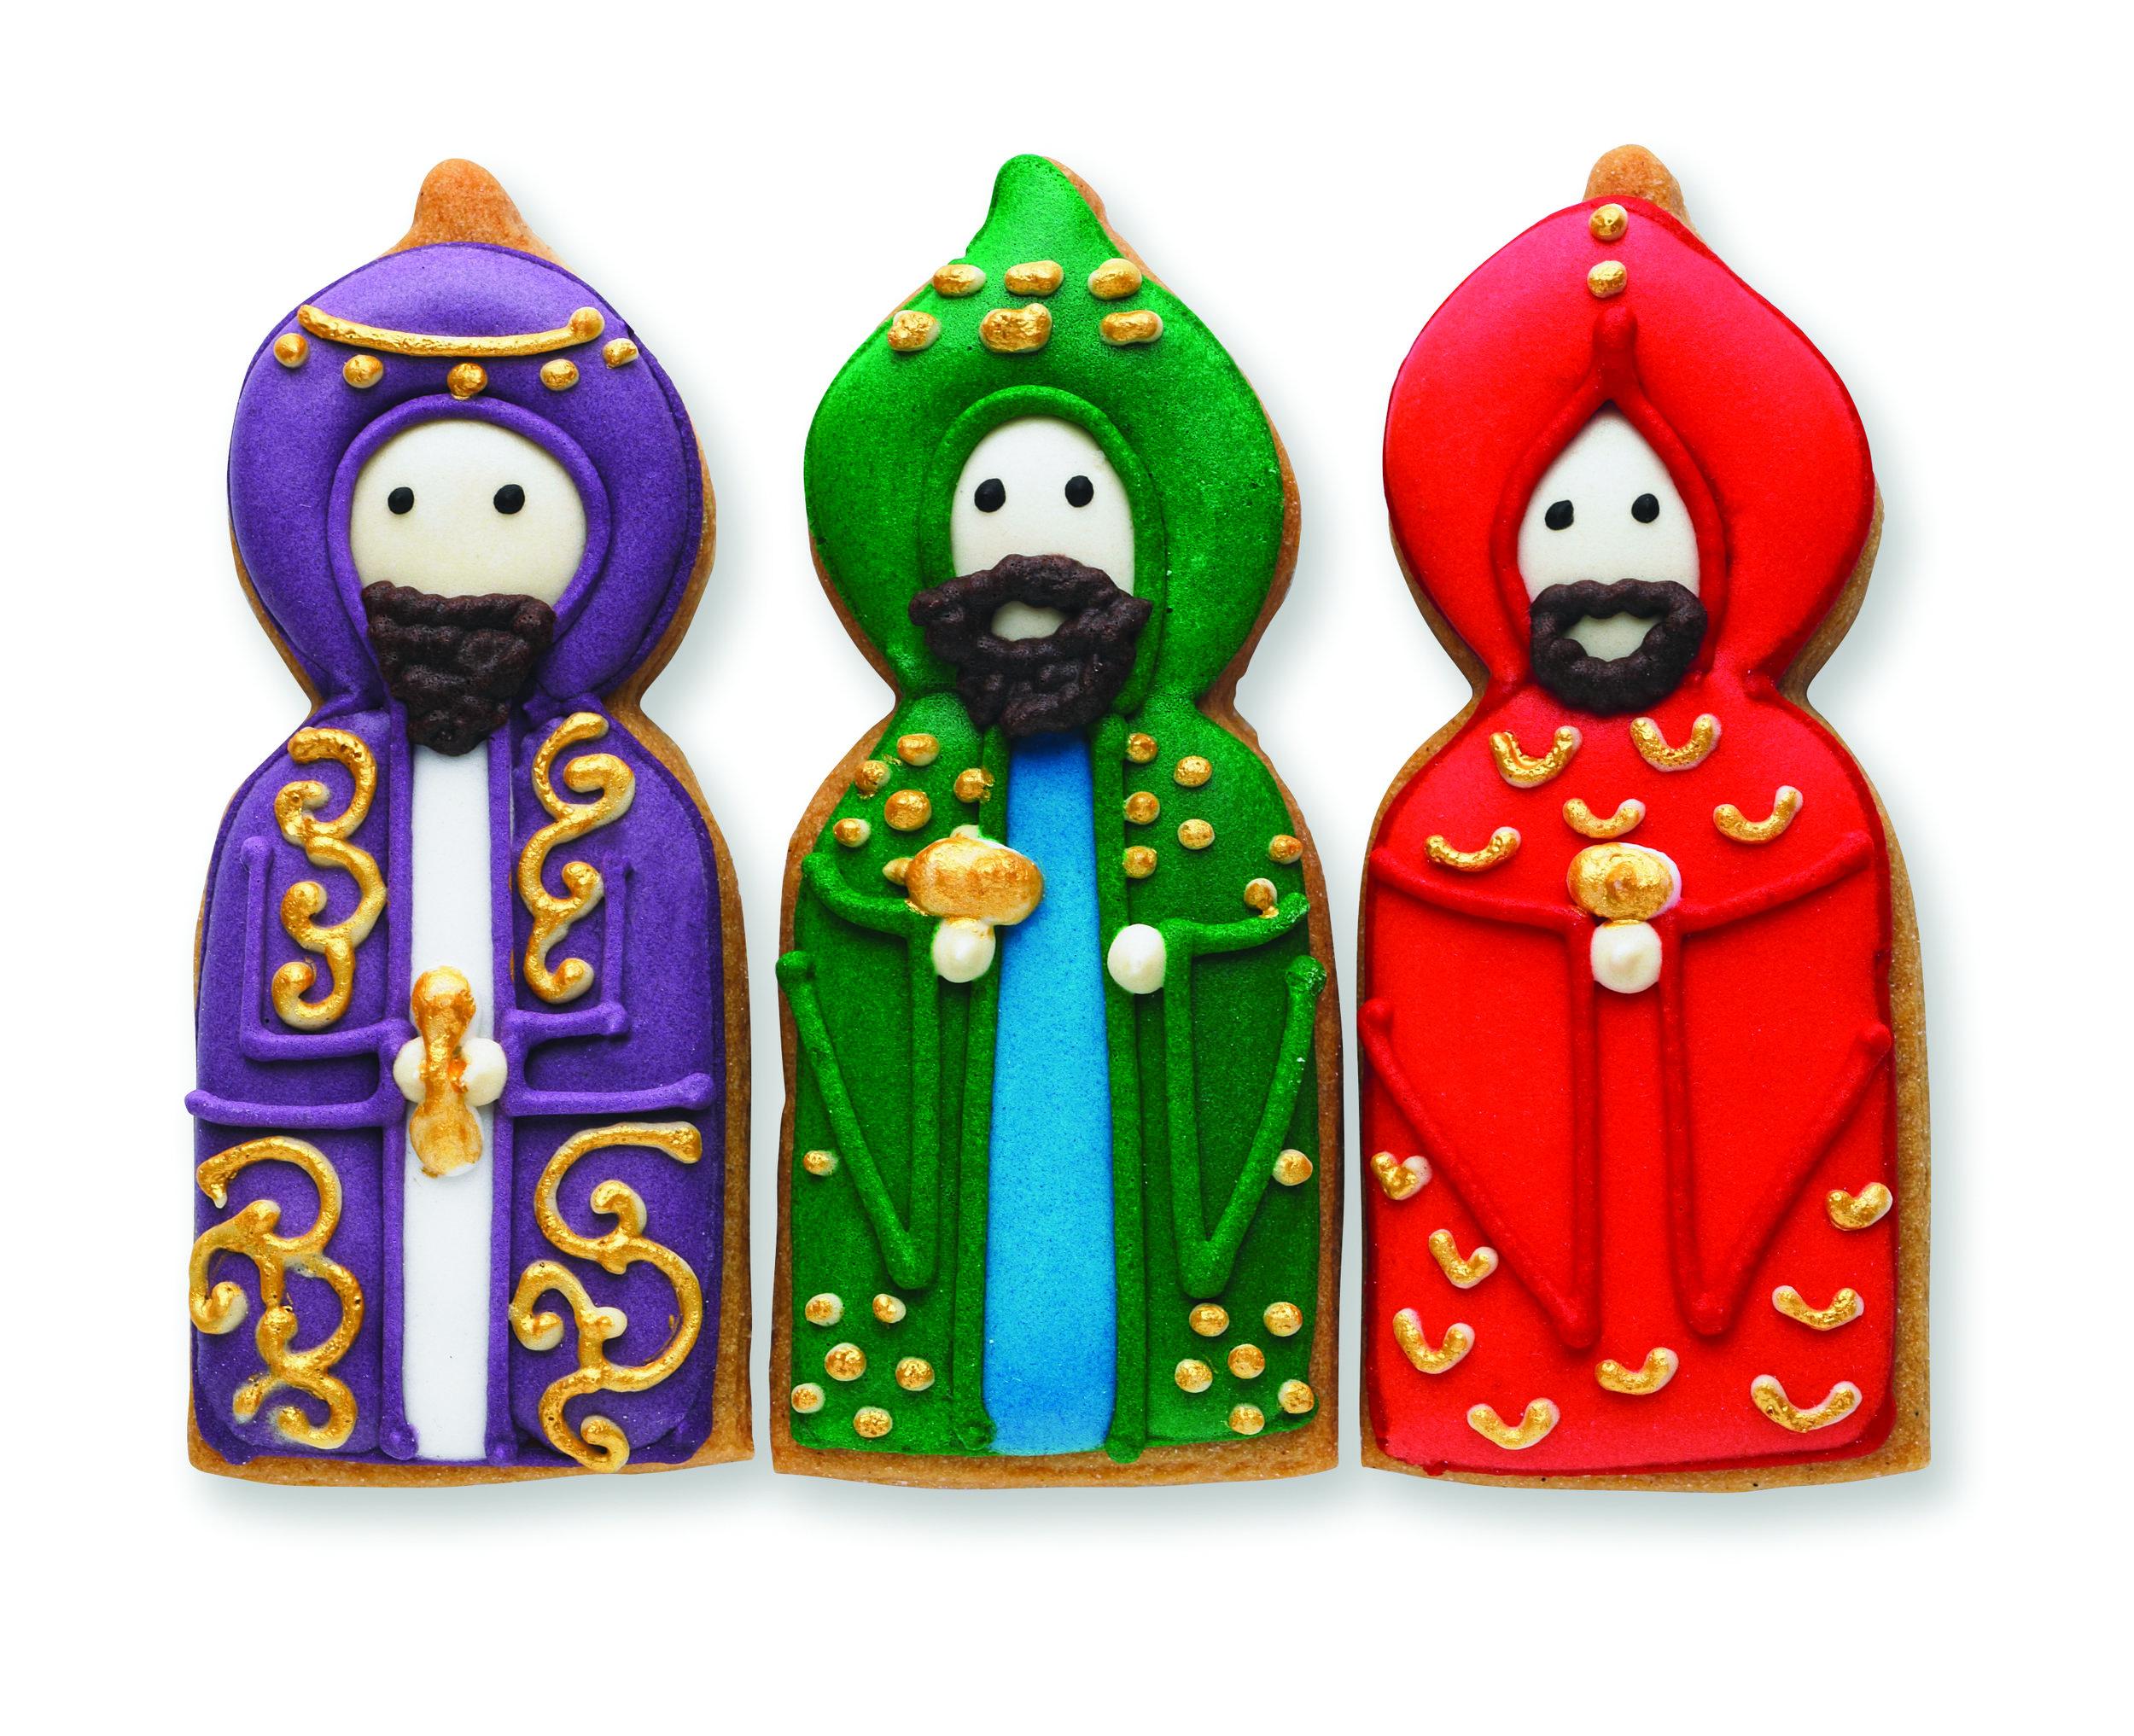 6. Three Kings Biscuit Card